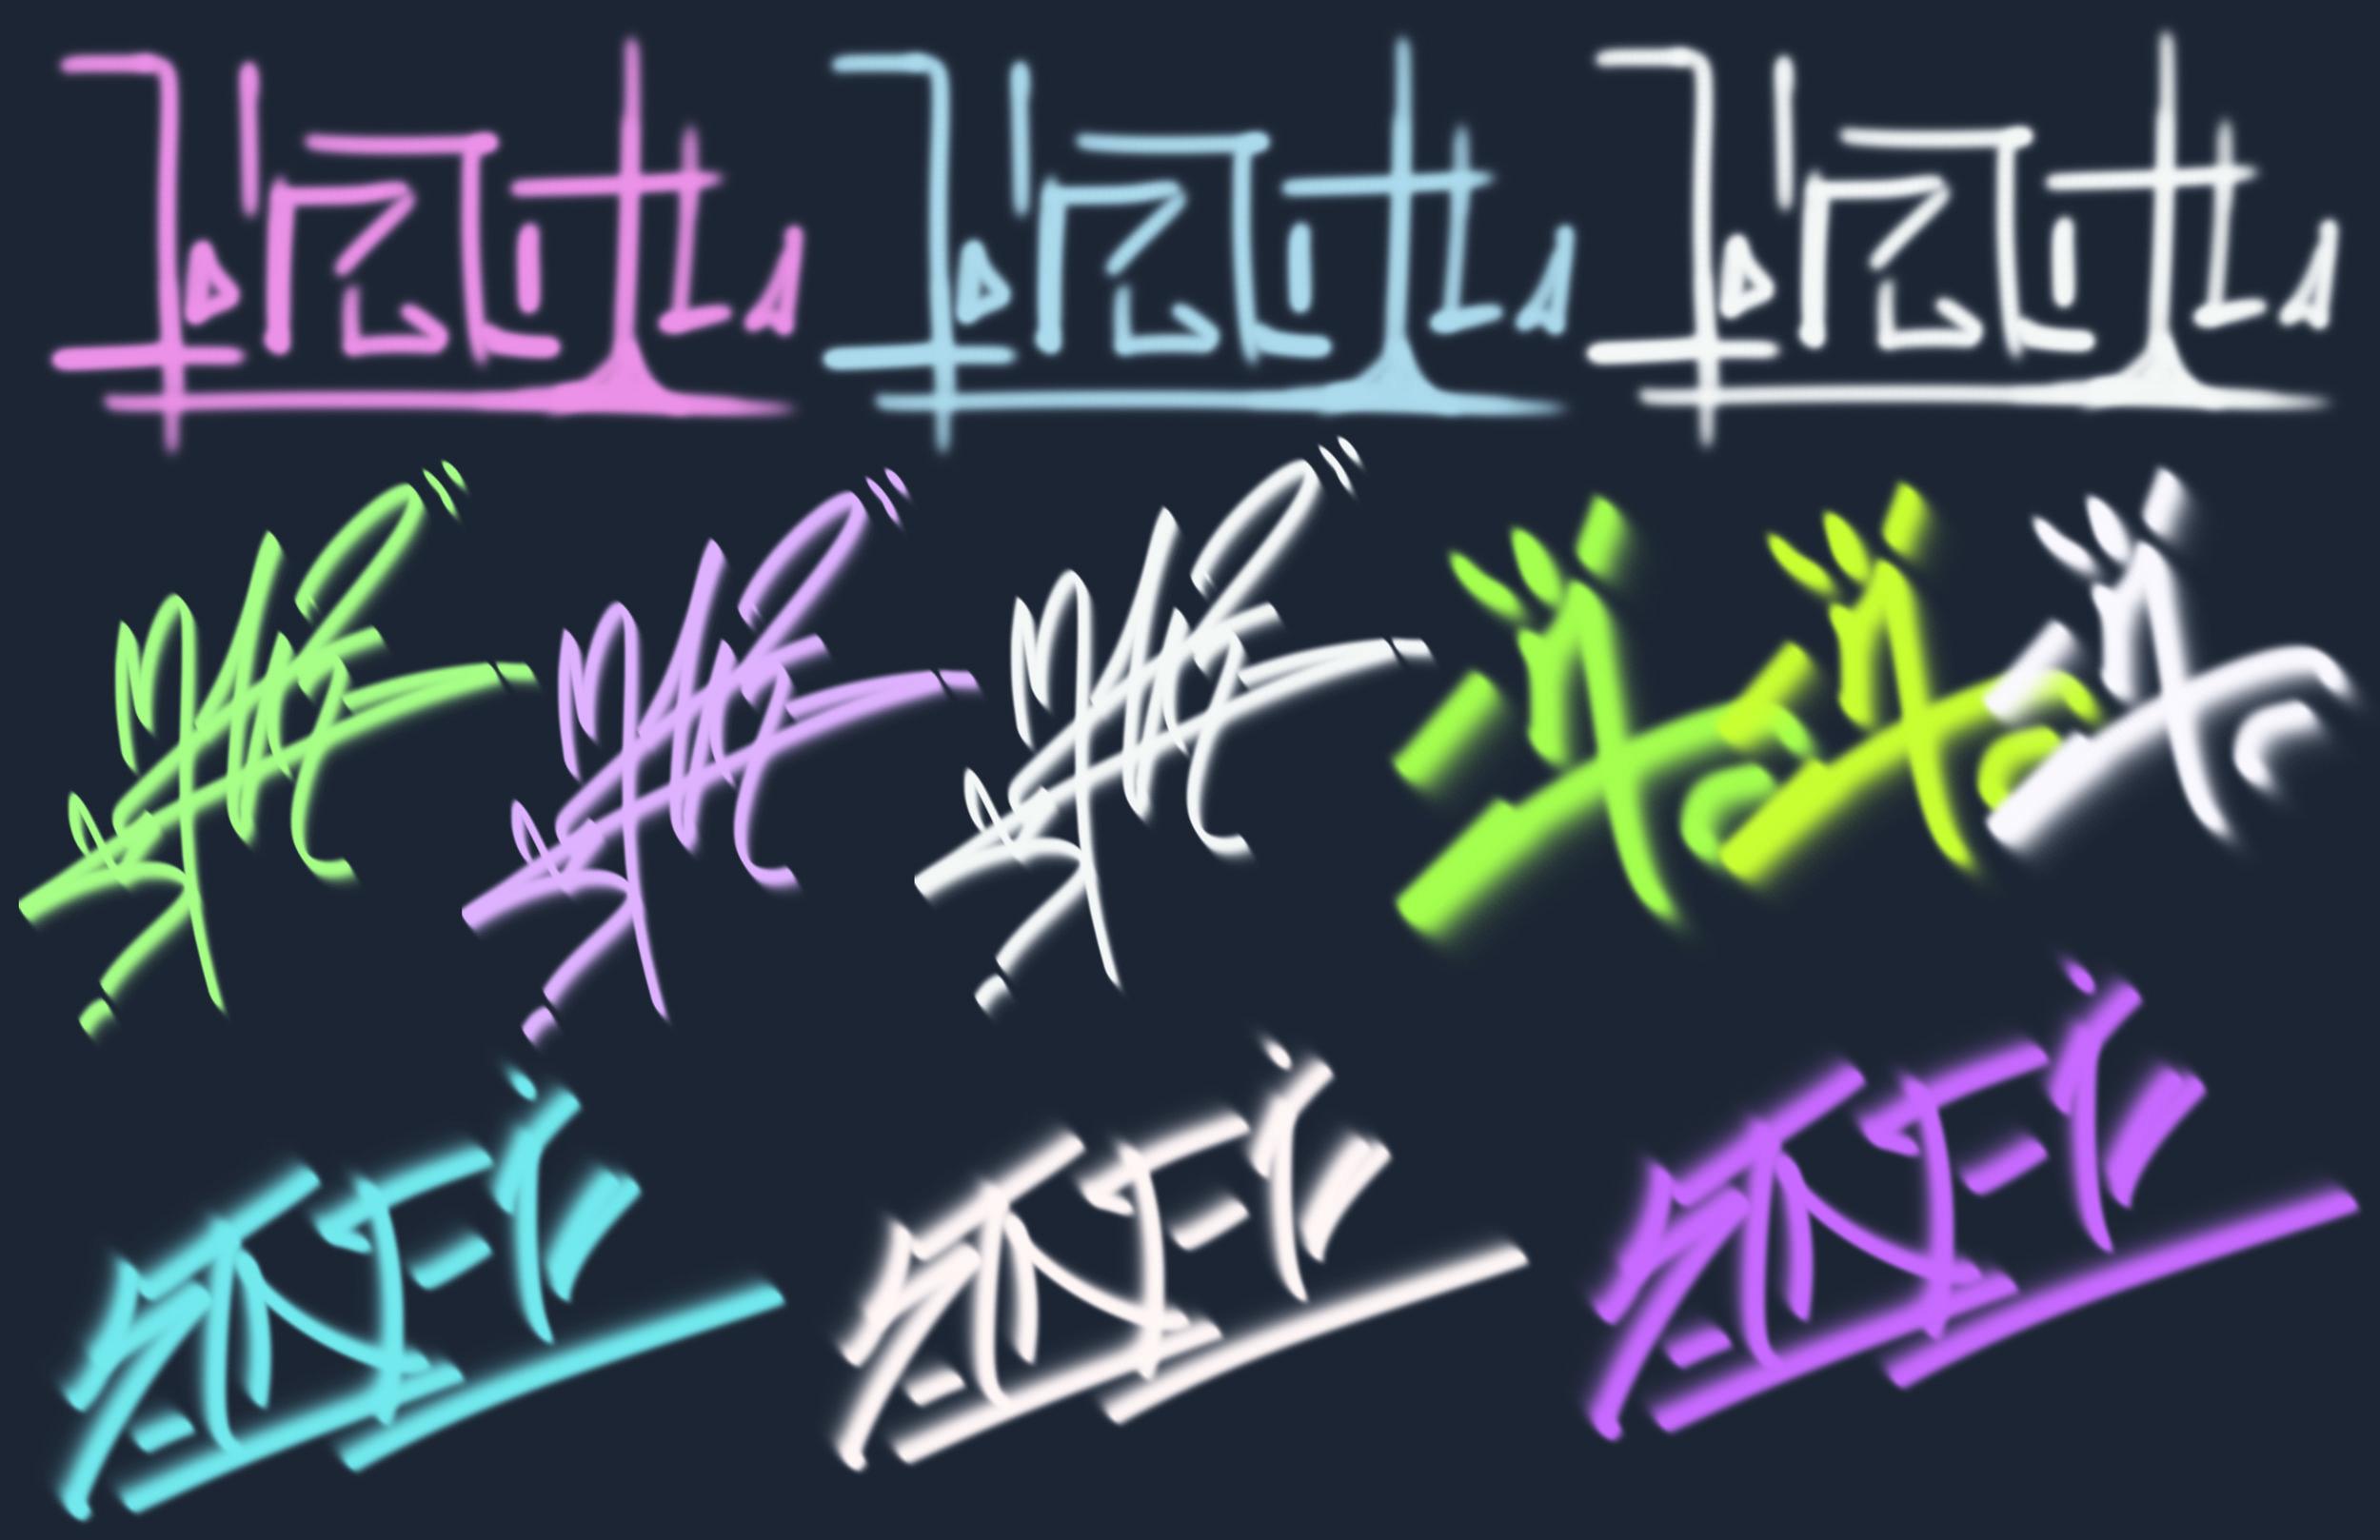 flip_graffitii.jpg